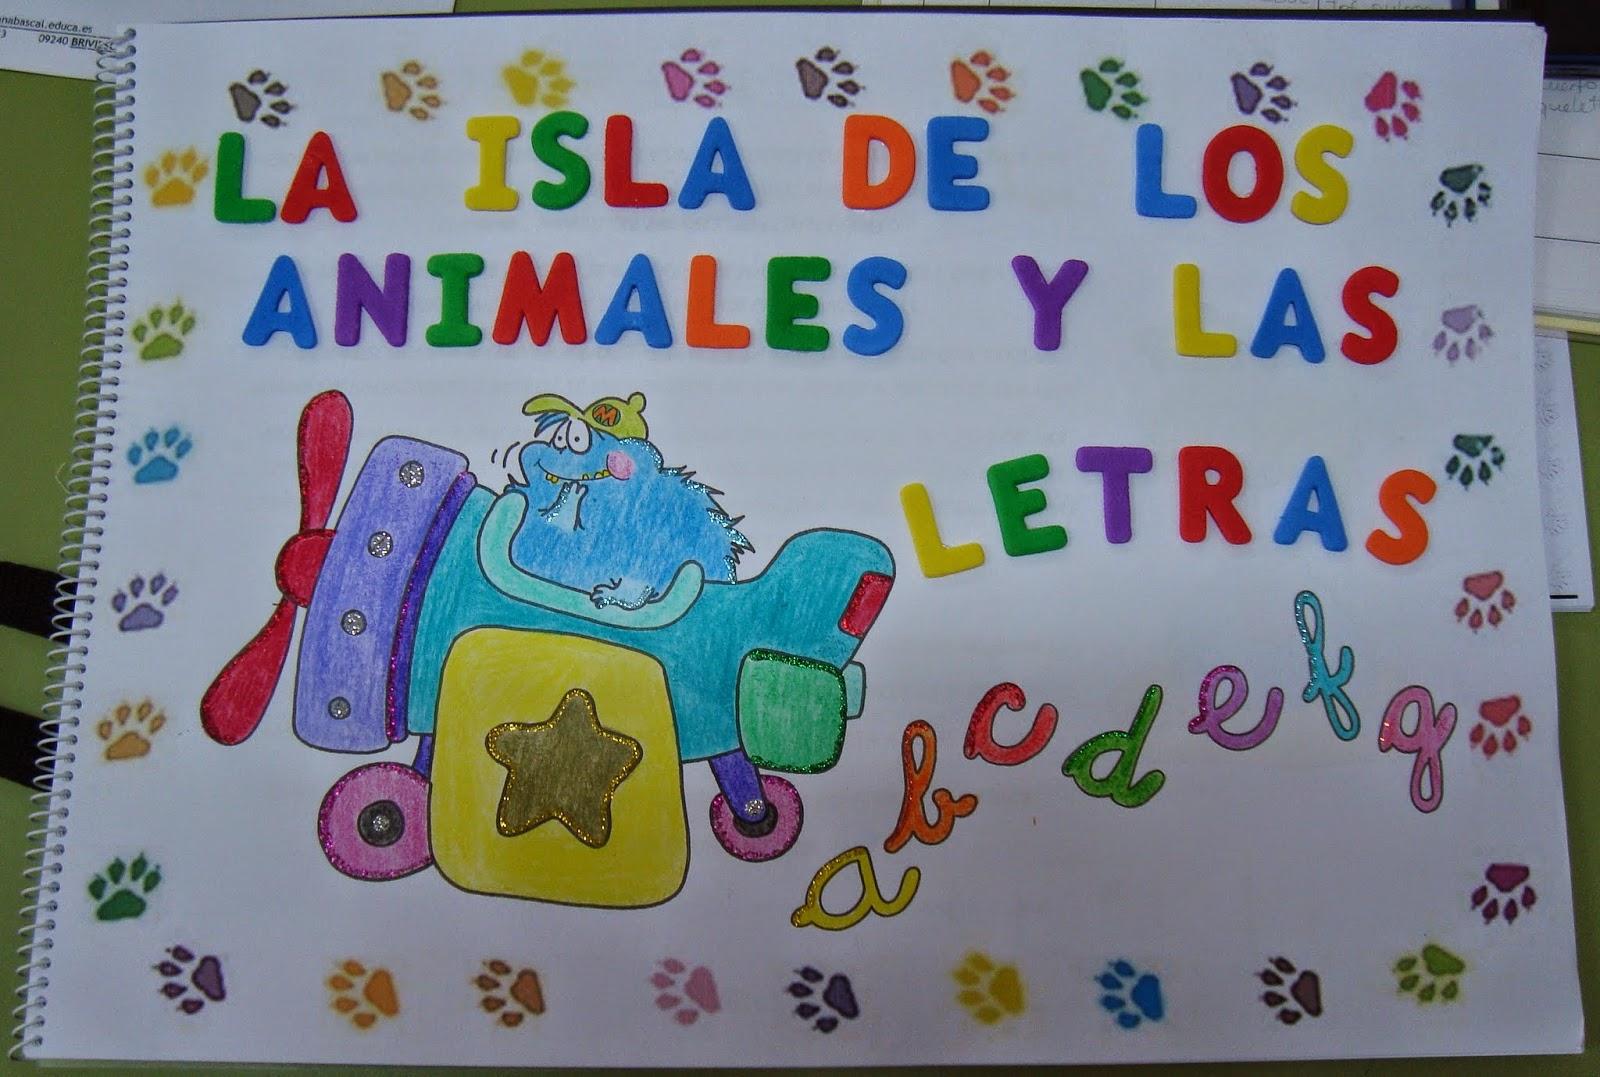 Libreta Viajera Infantil Para Imprimir: Plastificando Ilusiones: El Libro Viajero De Los Animales